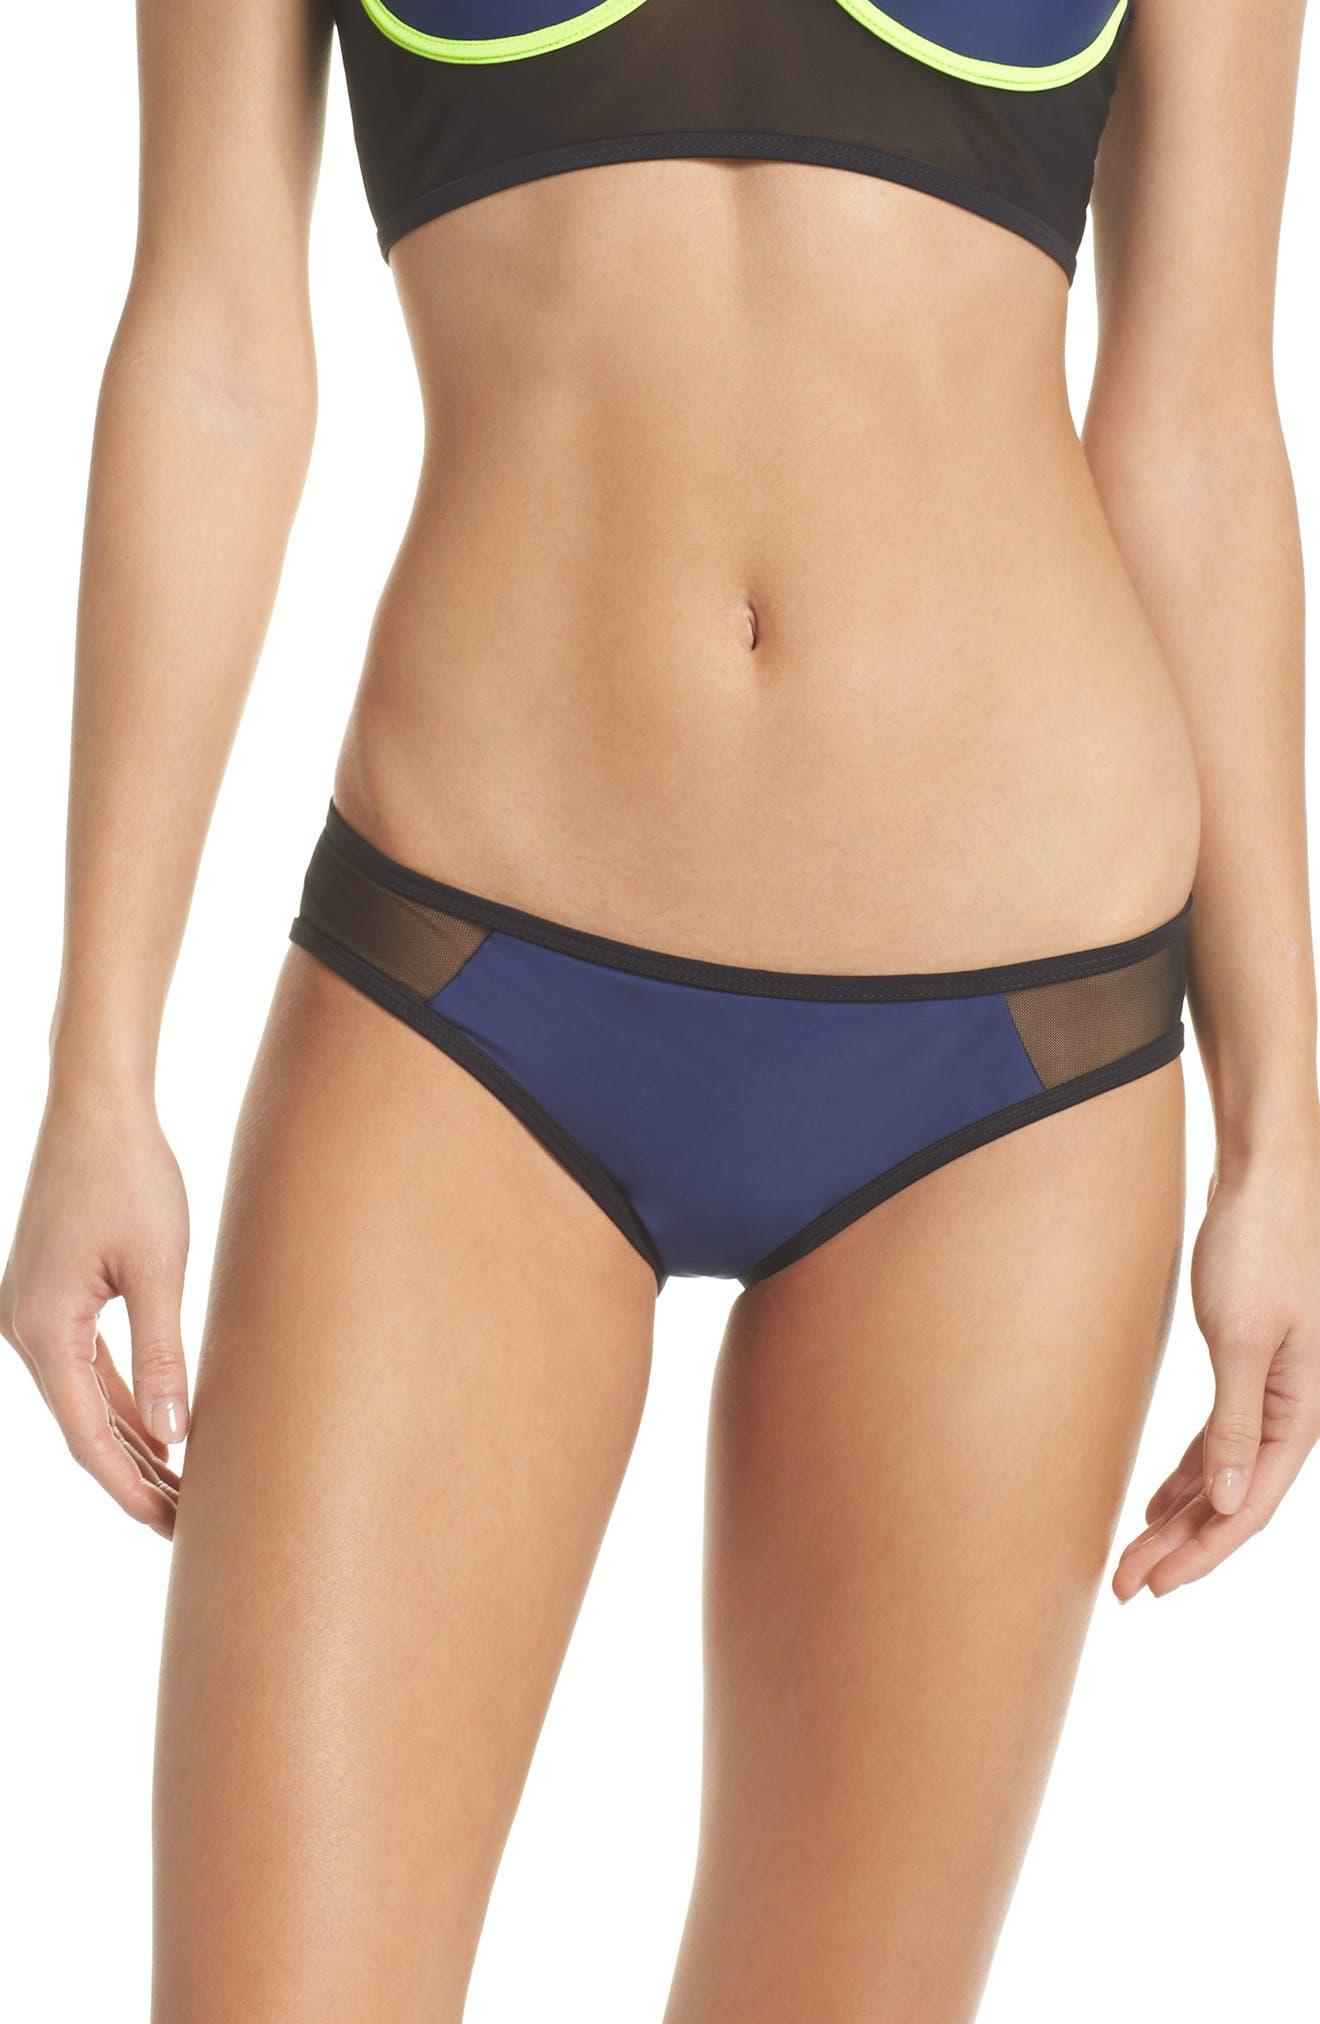 Racer Hipster Bikini Bottoms,                             Main thumbnail 1, color,                             BLUE/ BLACK